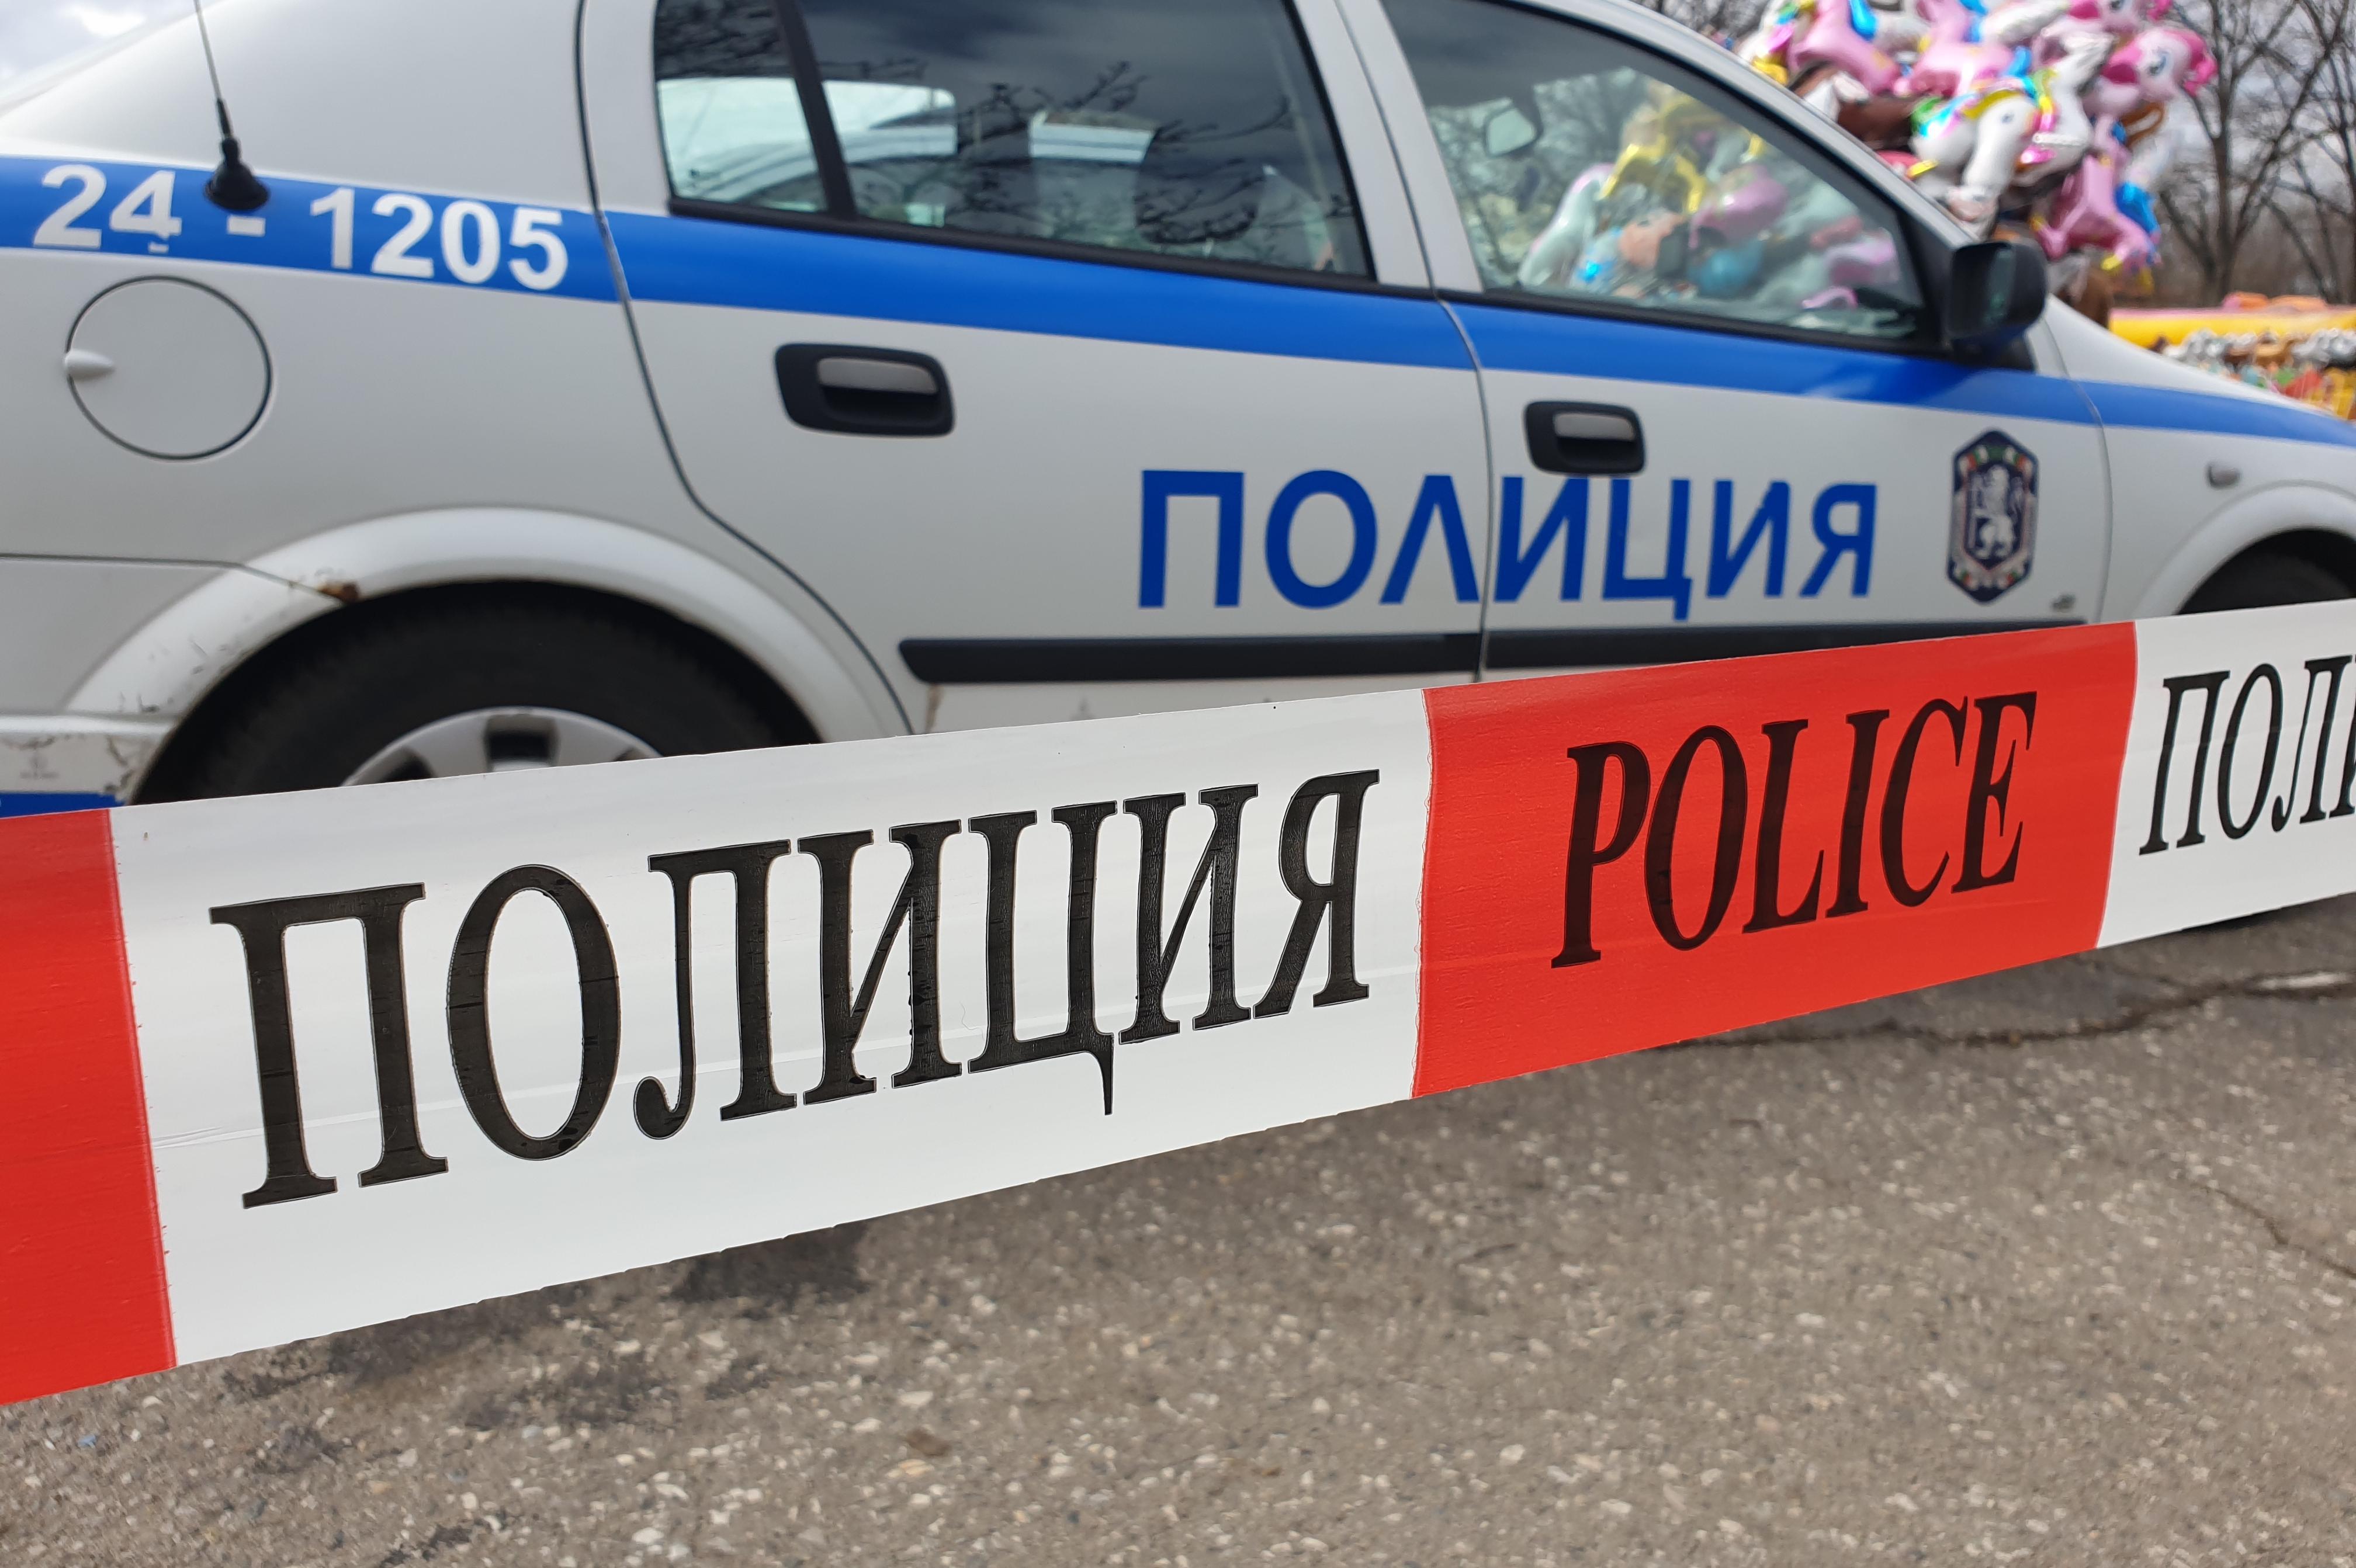 55-годишен тракторист, шофирал с 3.54 промила алкохол в с. Петърч, отива на